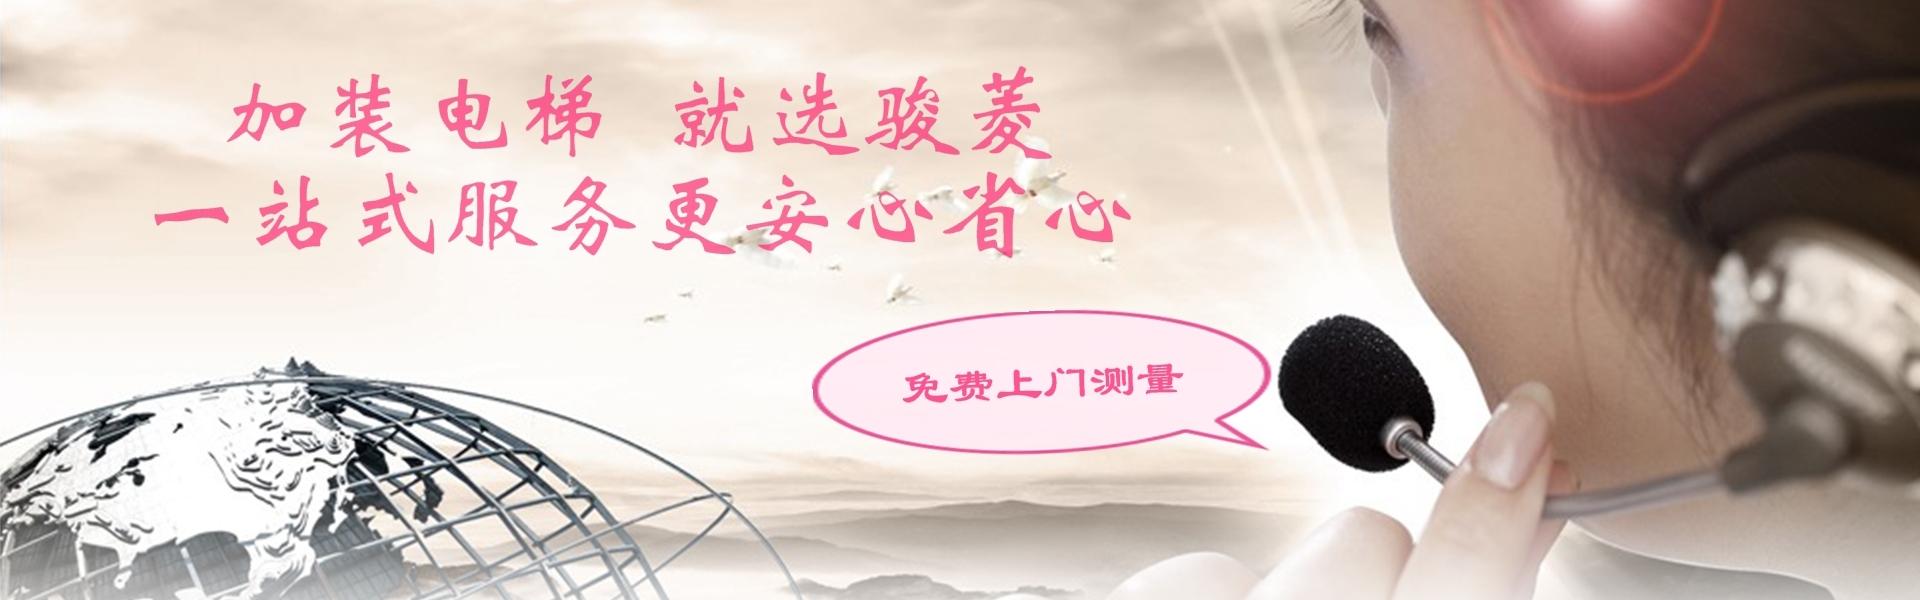 热烈庆祝中华人民共和国建国70周年